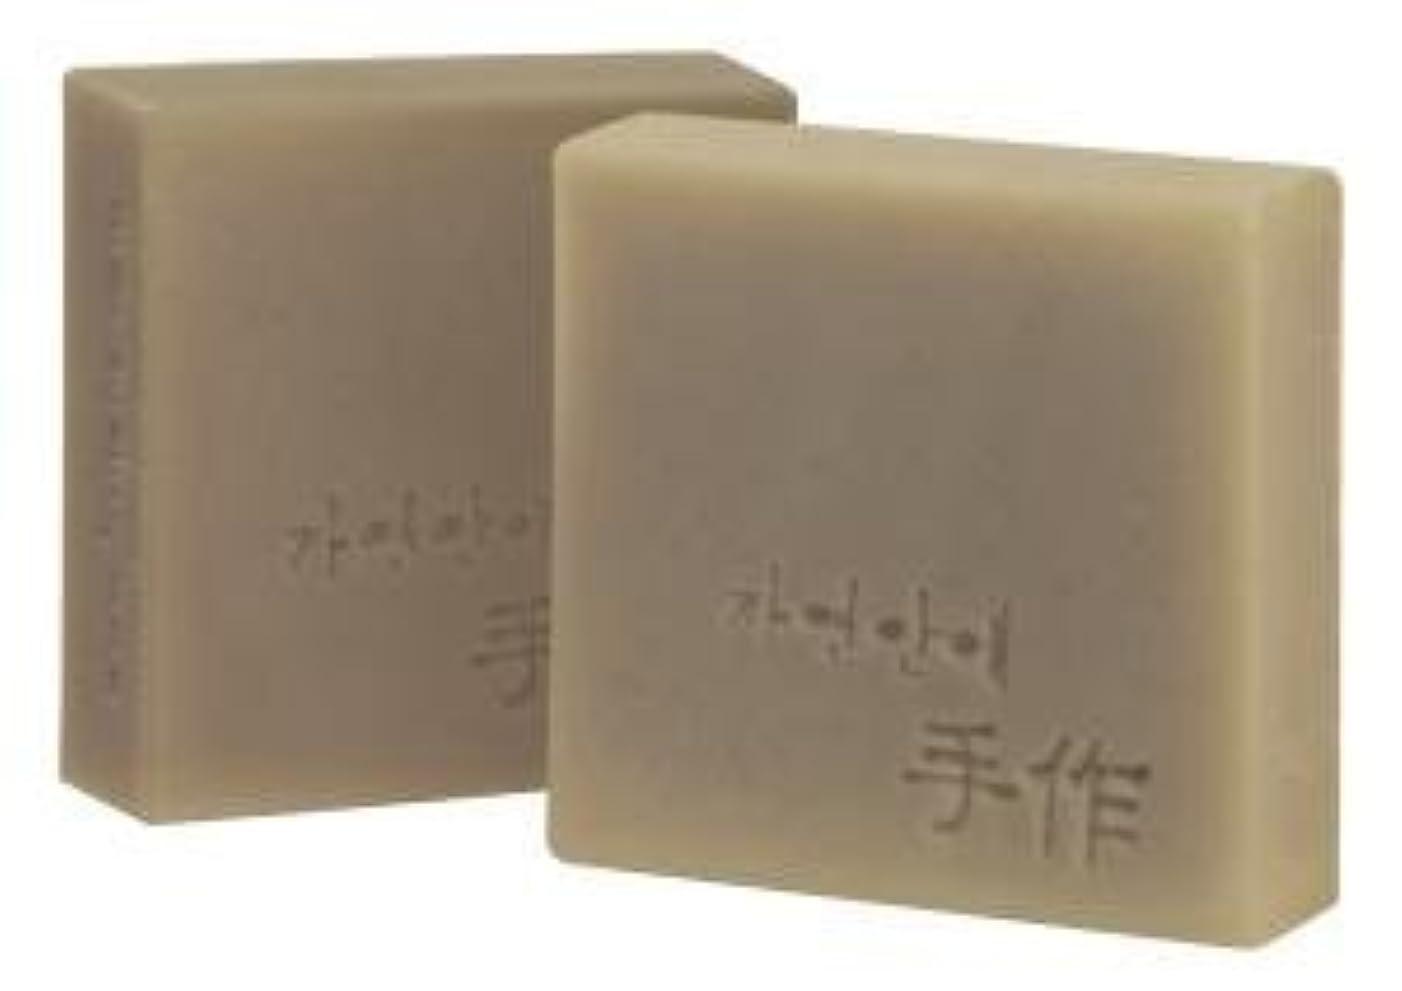 生理髄いらいらするNatural organic 有機天然ソープ 固形 無添加 洗顔 (梅) [並行輸入品]